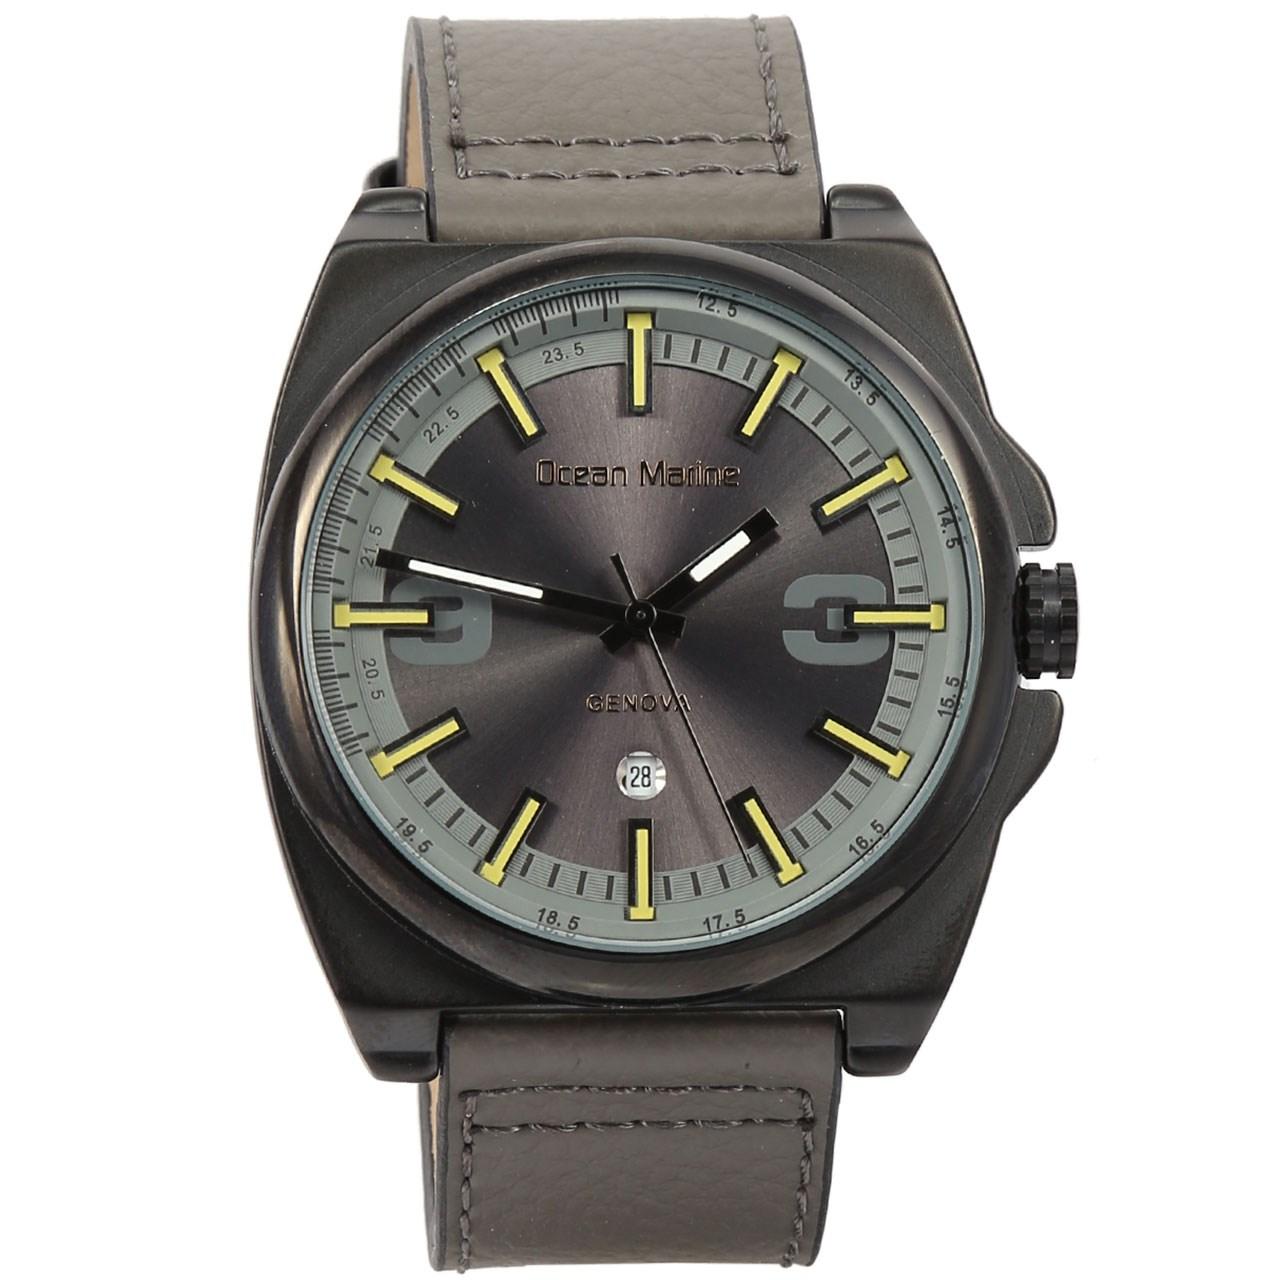 ساعت مچی عقربه ای مردانه اوشن مارین مدل OM-8010-2